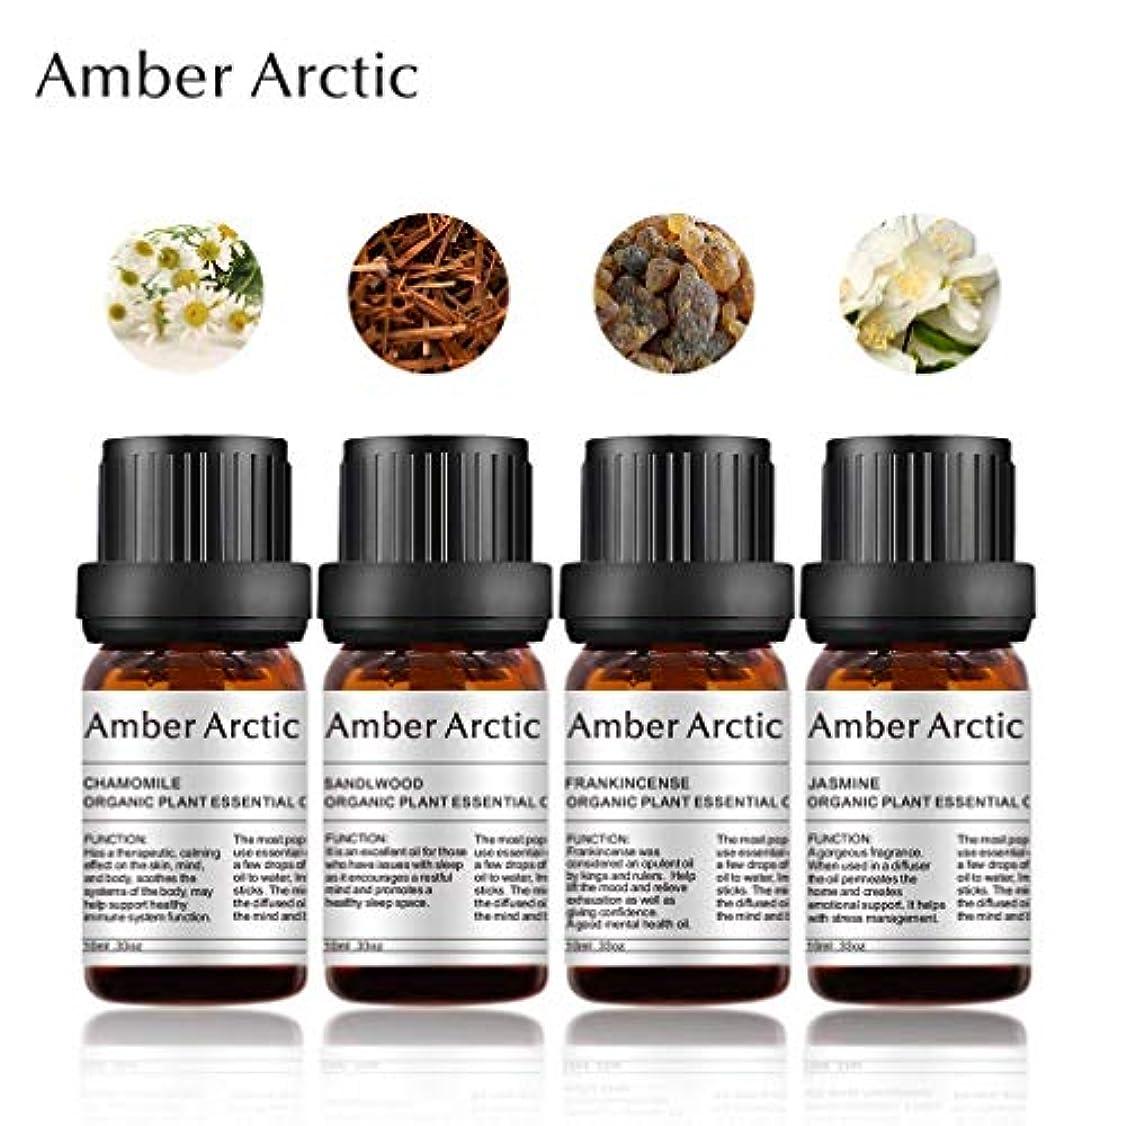 Amber Arctic 4 パック 精油 セット、 100% 純粋 天然 アロマ 最良 治療 グレード エッセンシャル オイル (ジャスミン、 カモミール、 サンダルウッド、 フランキンセンス)